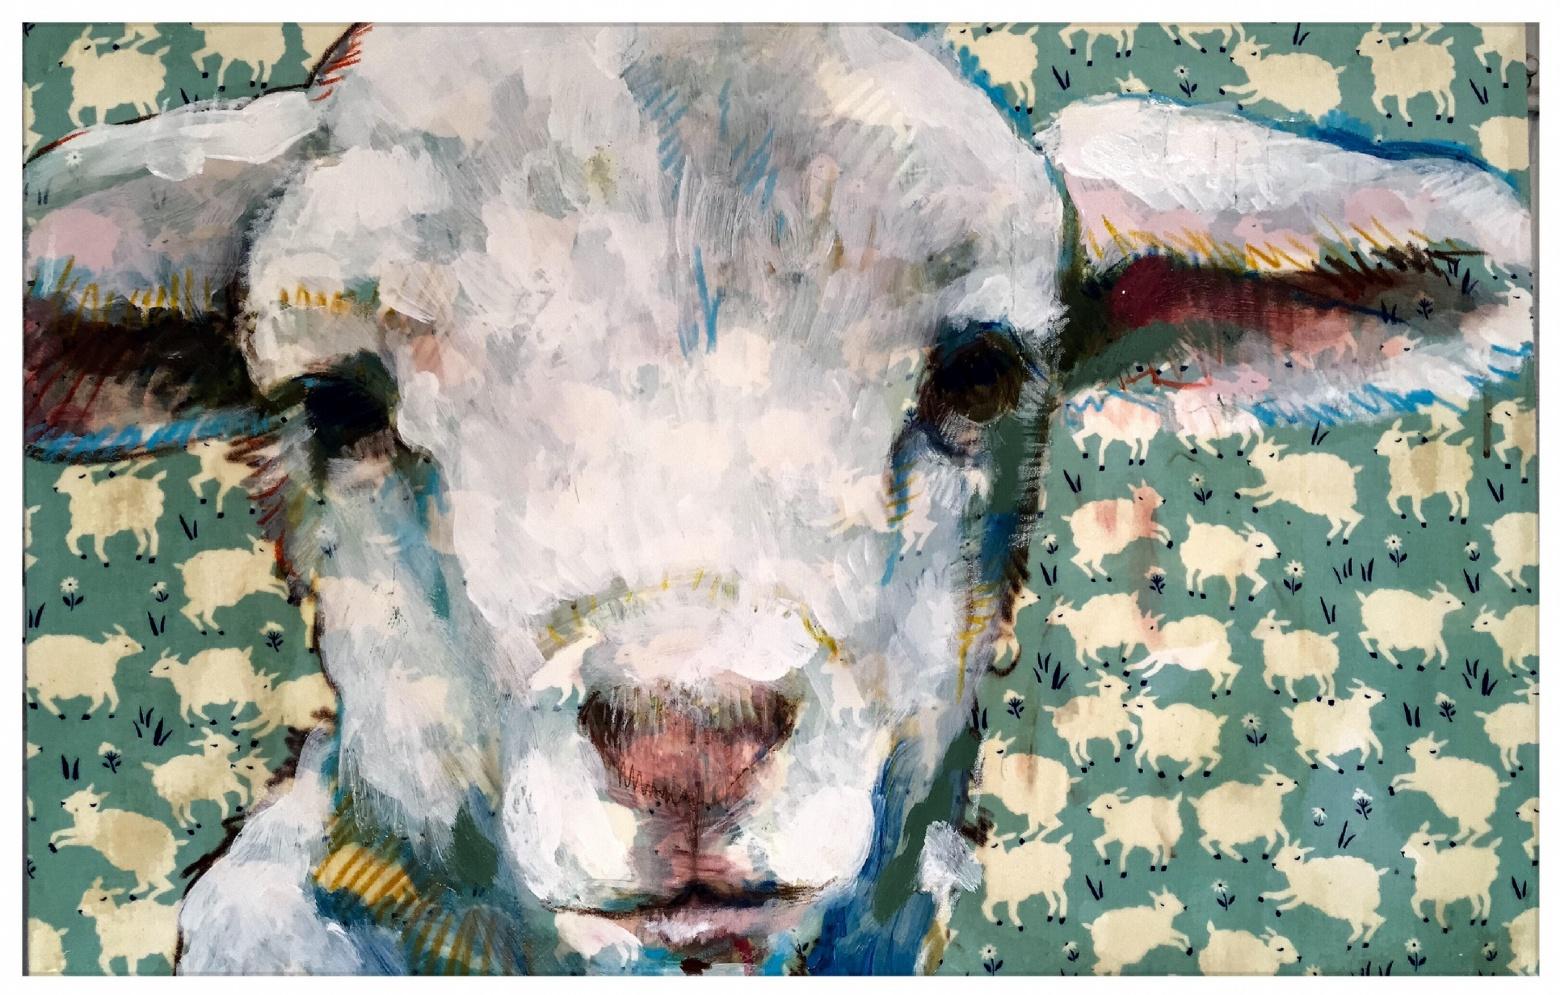 Tim Jaeger, Lamb no. IV, 2016